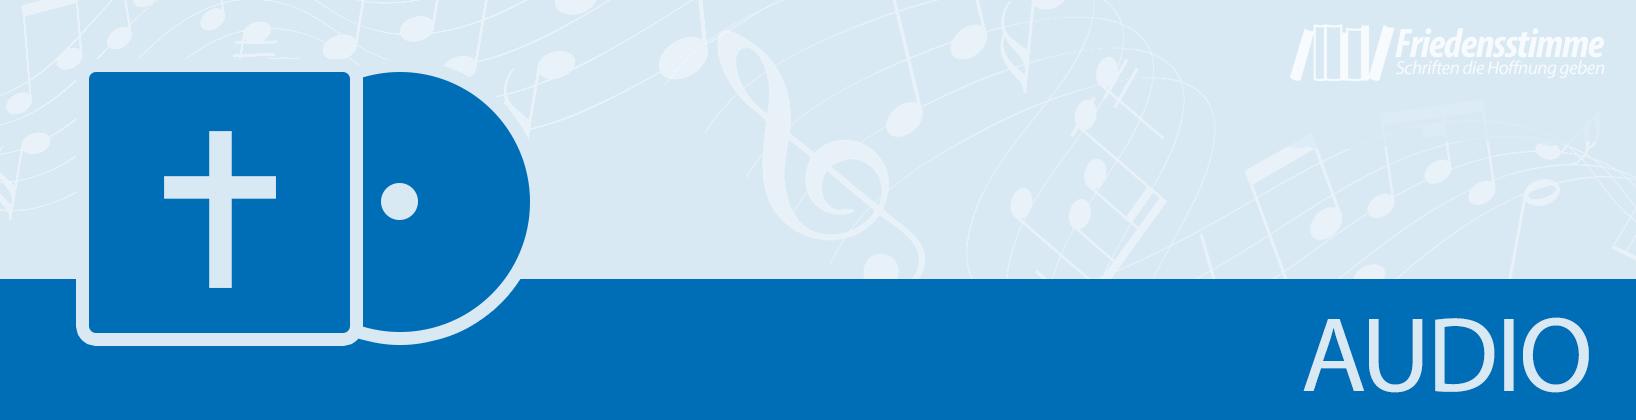 Banner_Kategorie_Audio_01